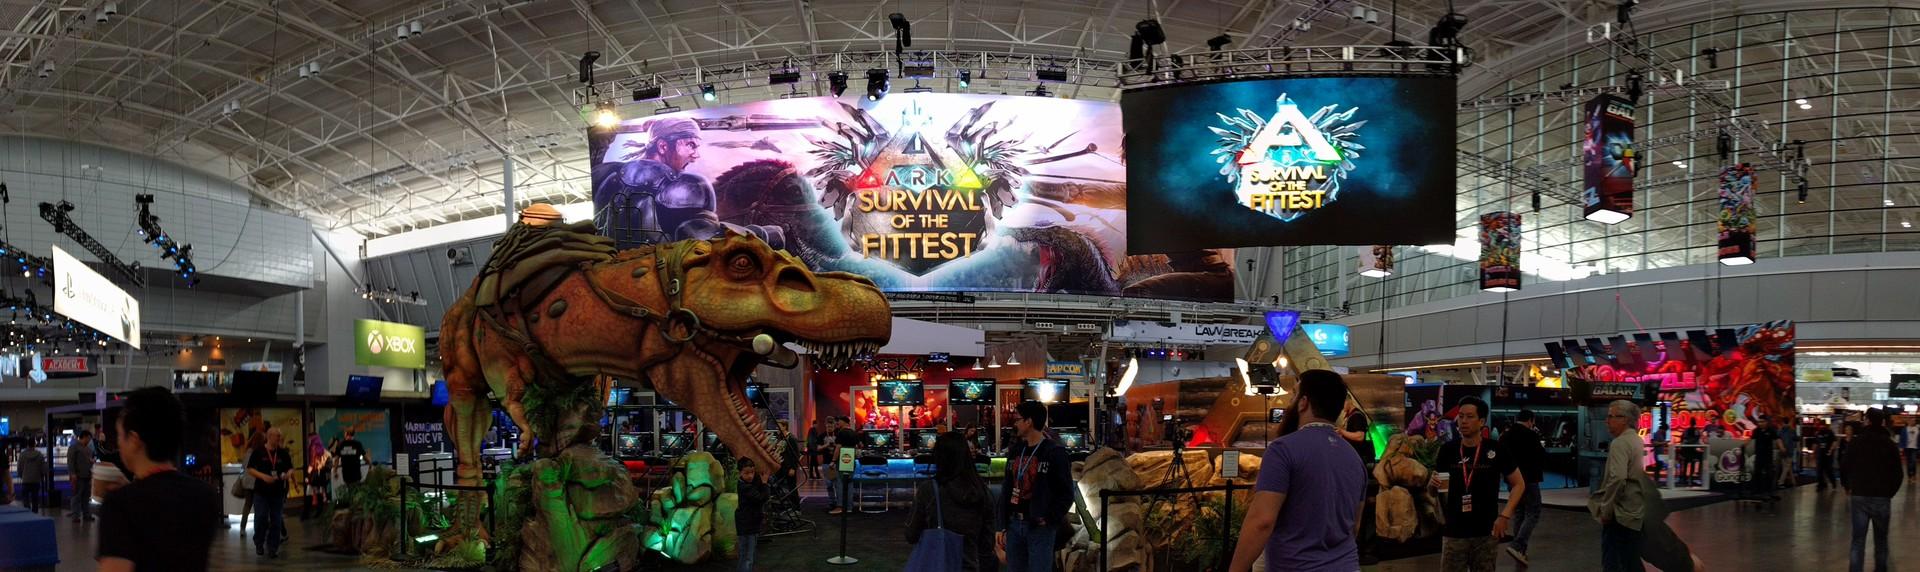 artstation ark survival evovled